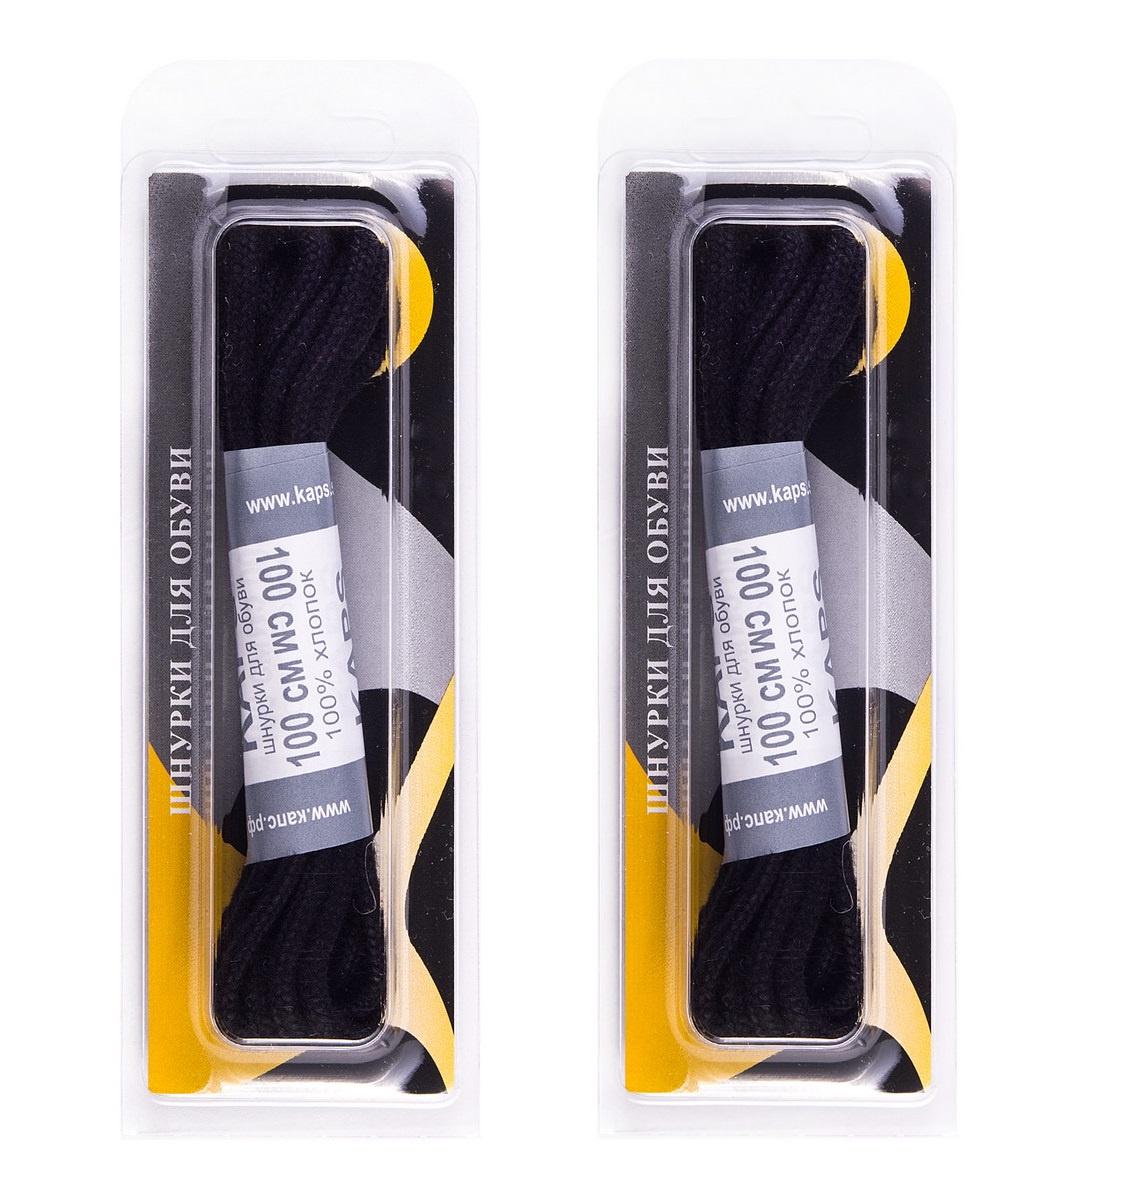 цена Шнурки Kaps C-215100, черный, 100 см, 2 шт онлайн в 2017 году